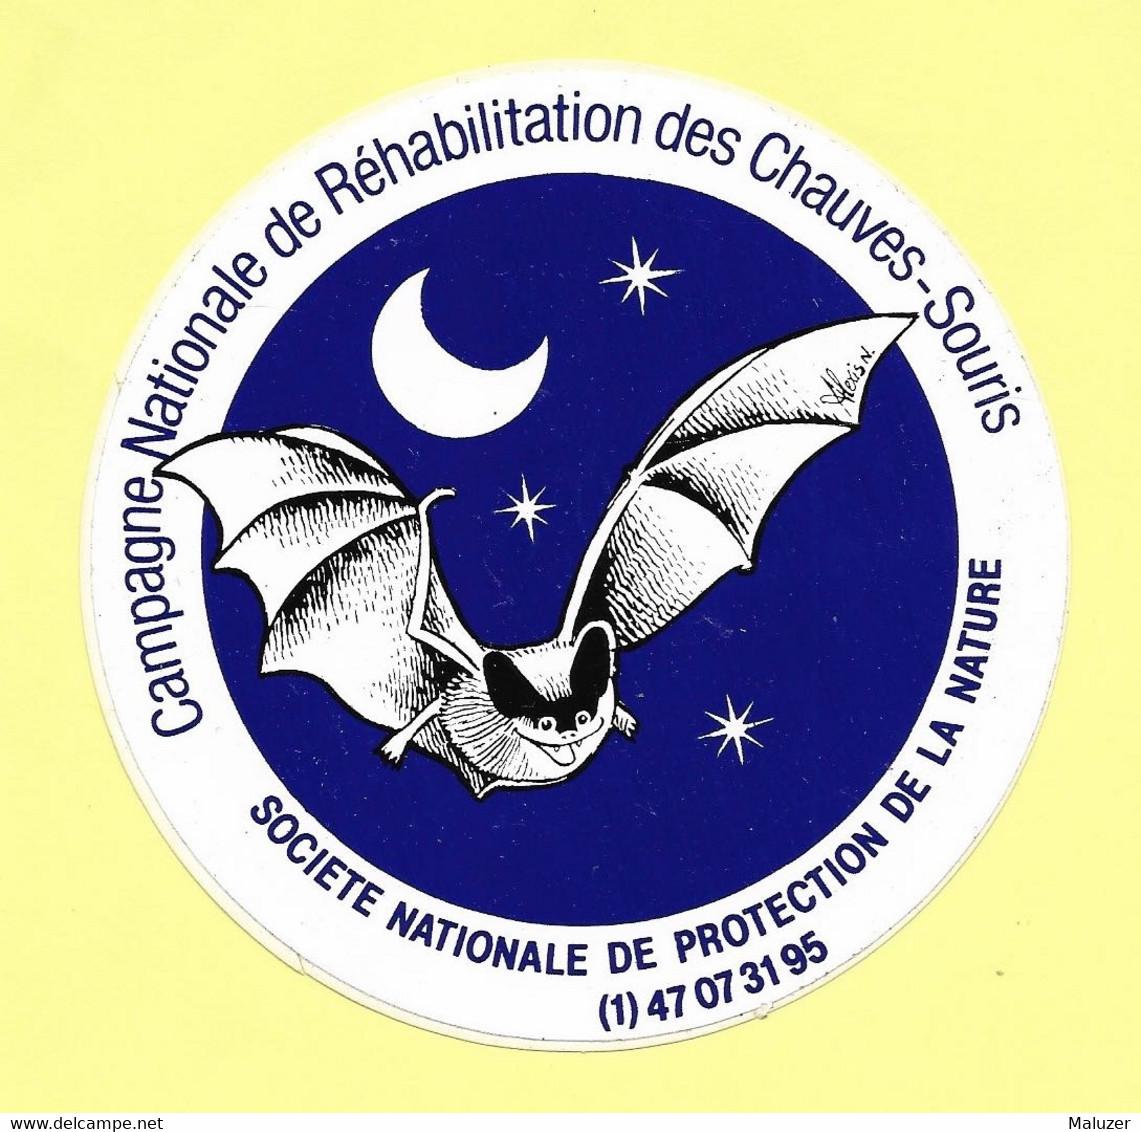 AUTOCOLLANT STICKER - CAMPAGNE REHABILITATION CHAUVES-SOURIS - SOCIÉTÉ NATIONALE PROTECTION NATURE - Stickers